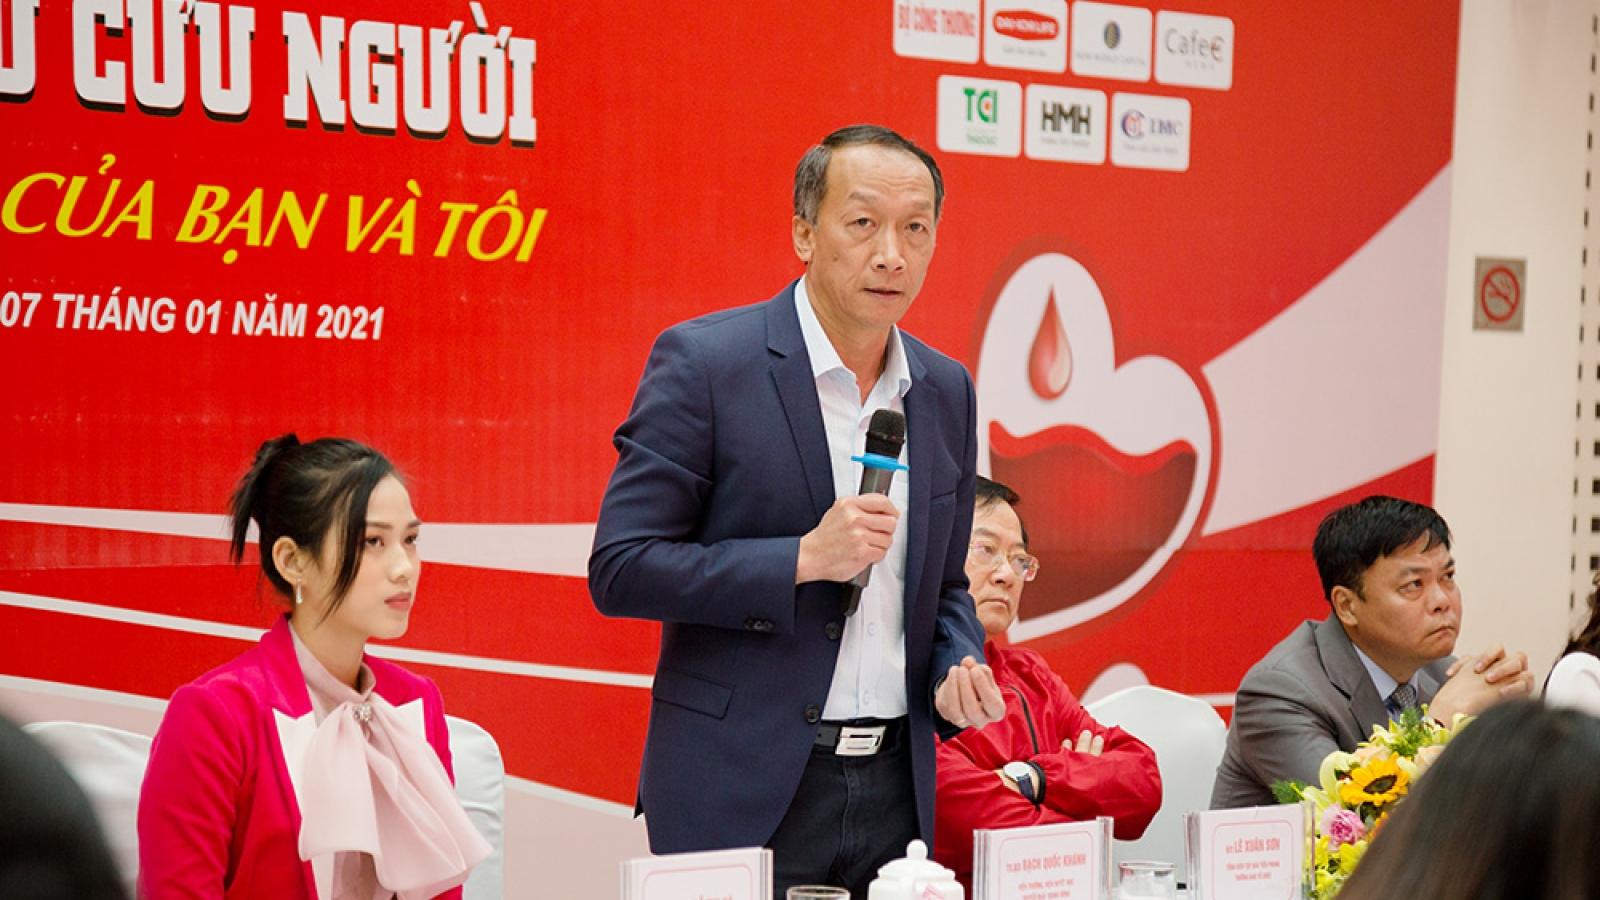 Chủ Nhật Đỏ 2021 dự kiến thu về 50.000 đơn vị máu